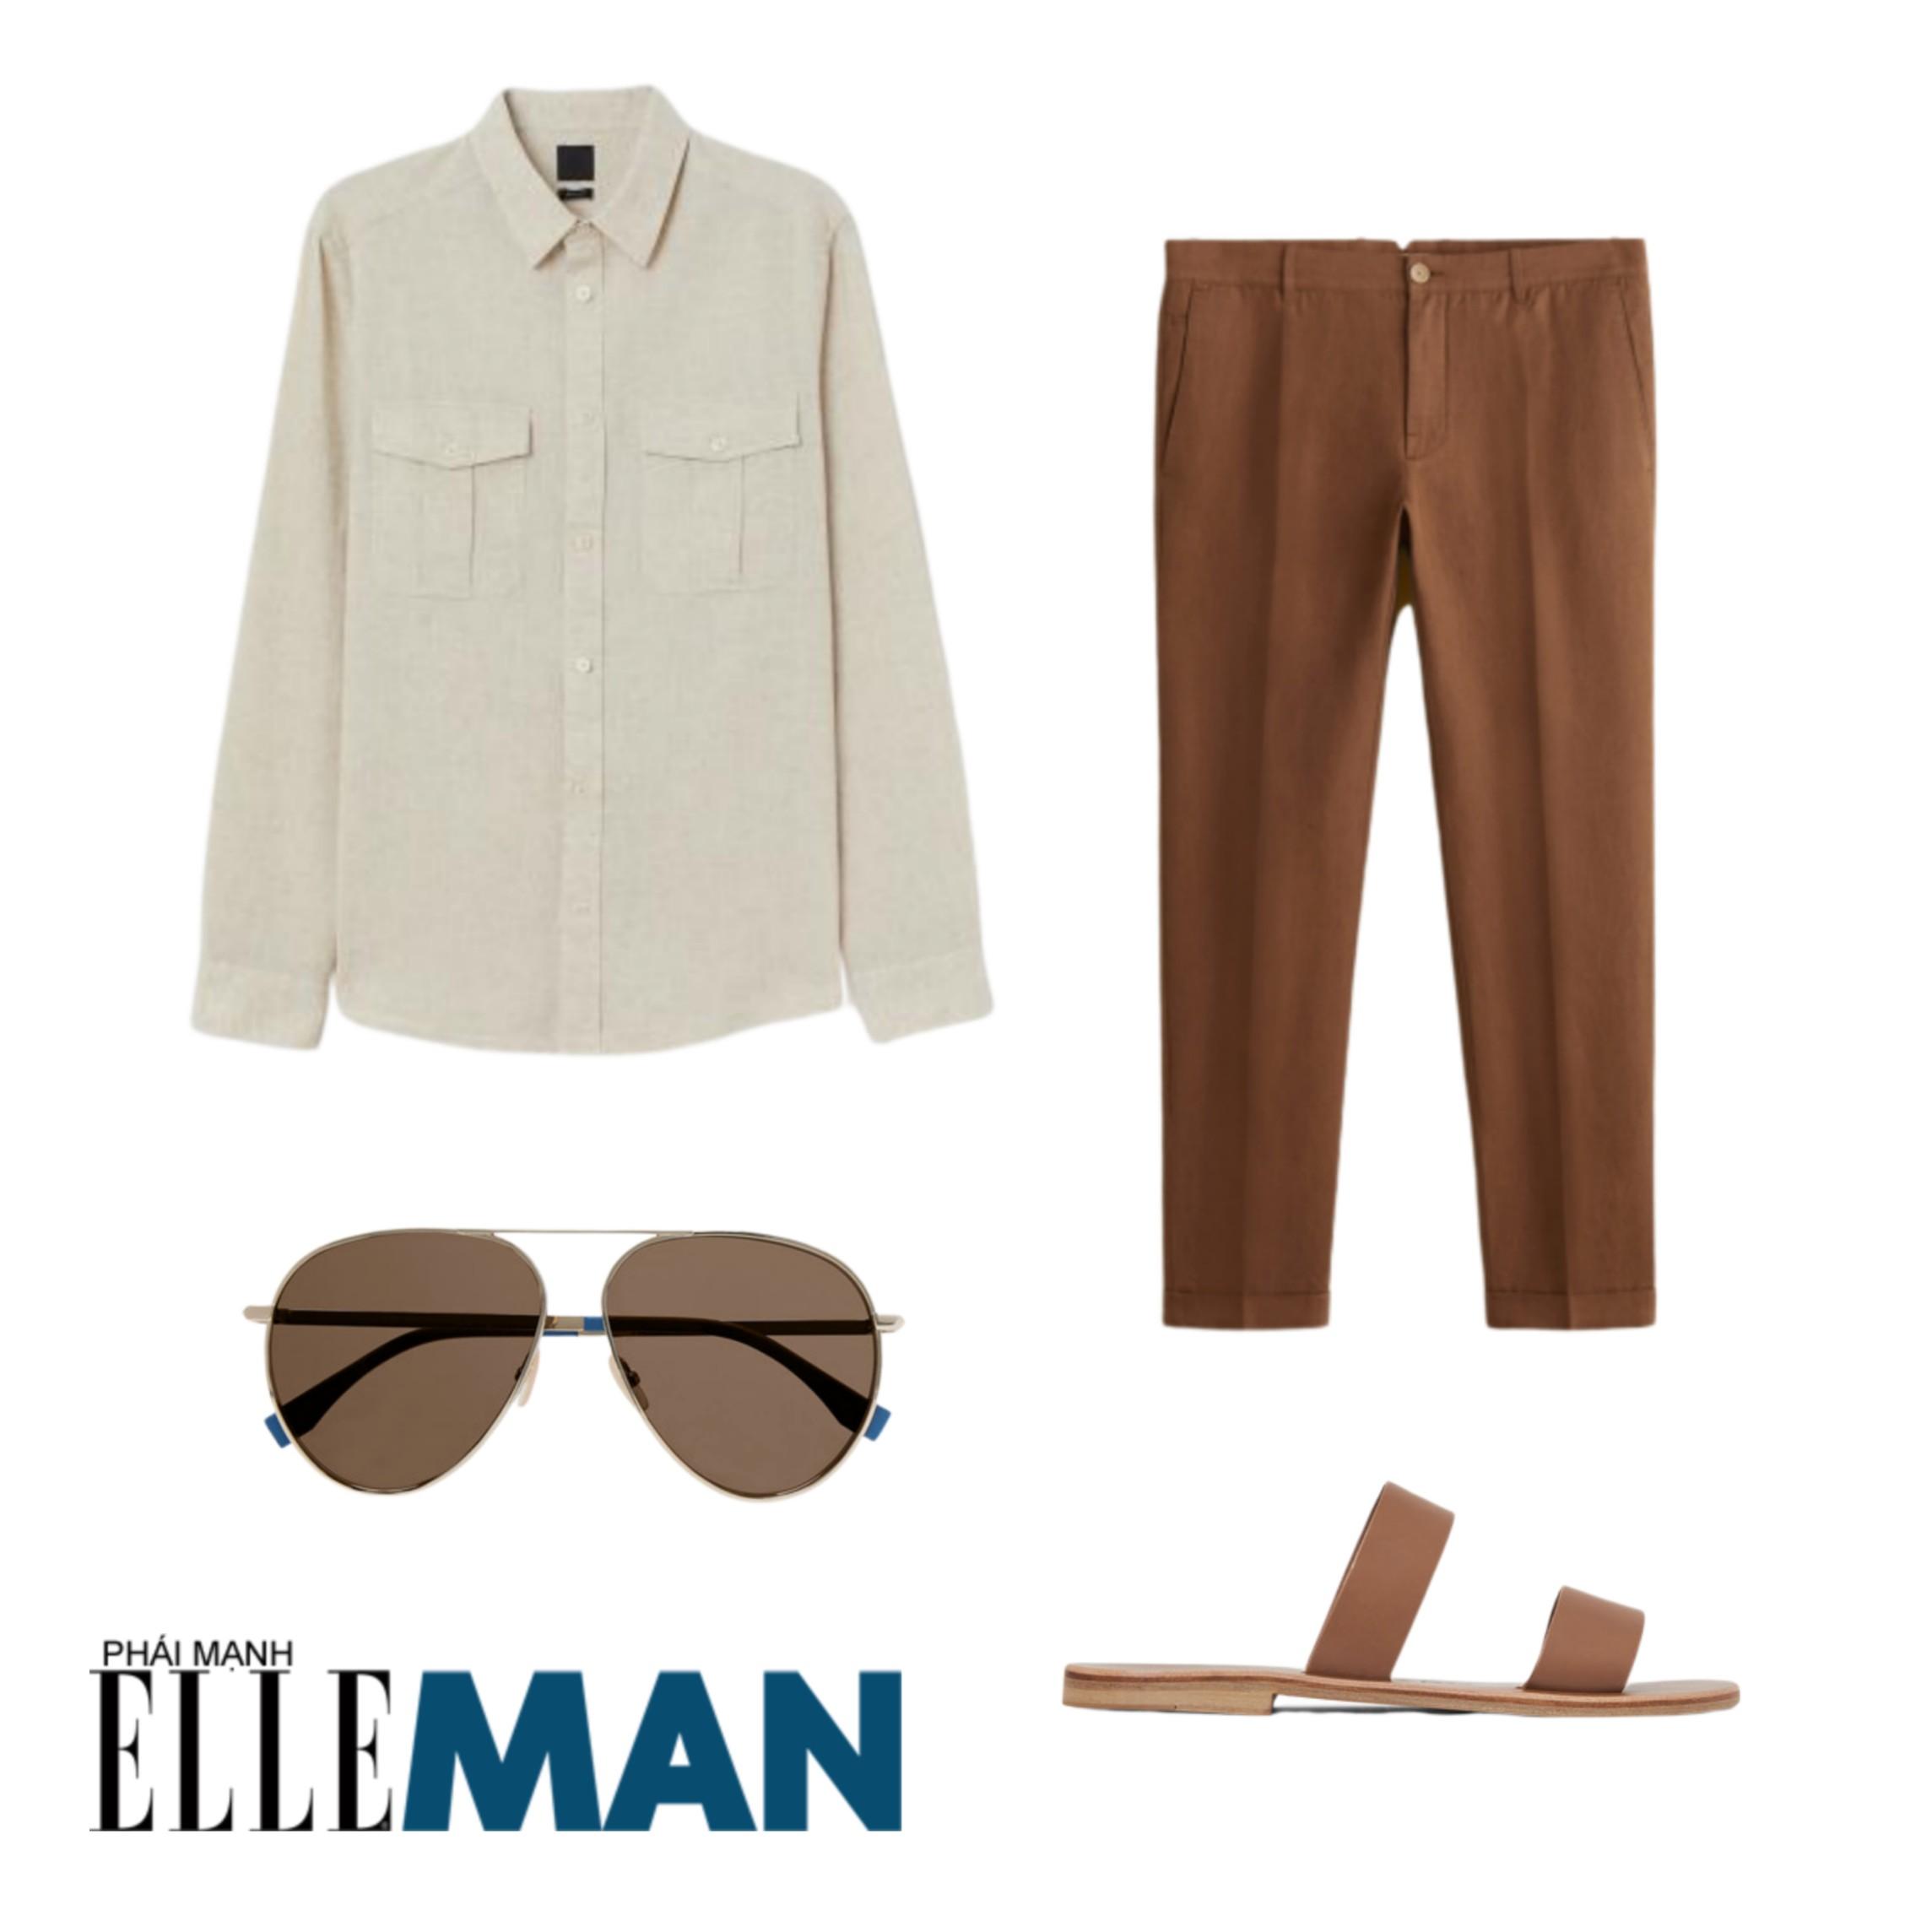 Trang phục đi biển ELLE Man gợi ý trang phục oldschool cho bữa tiệc tại bãi biễn